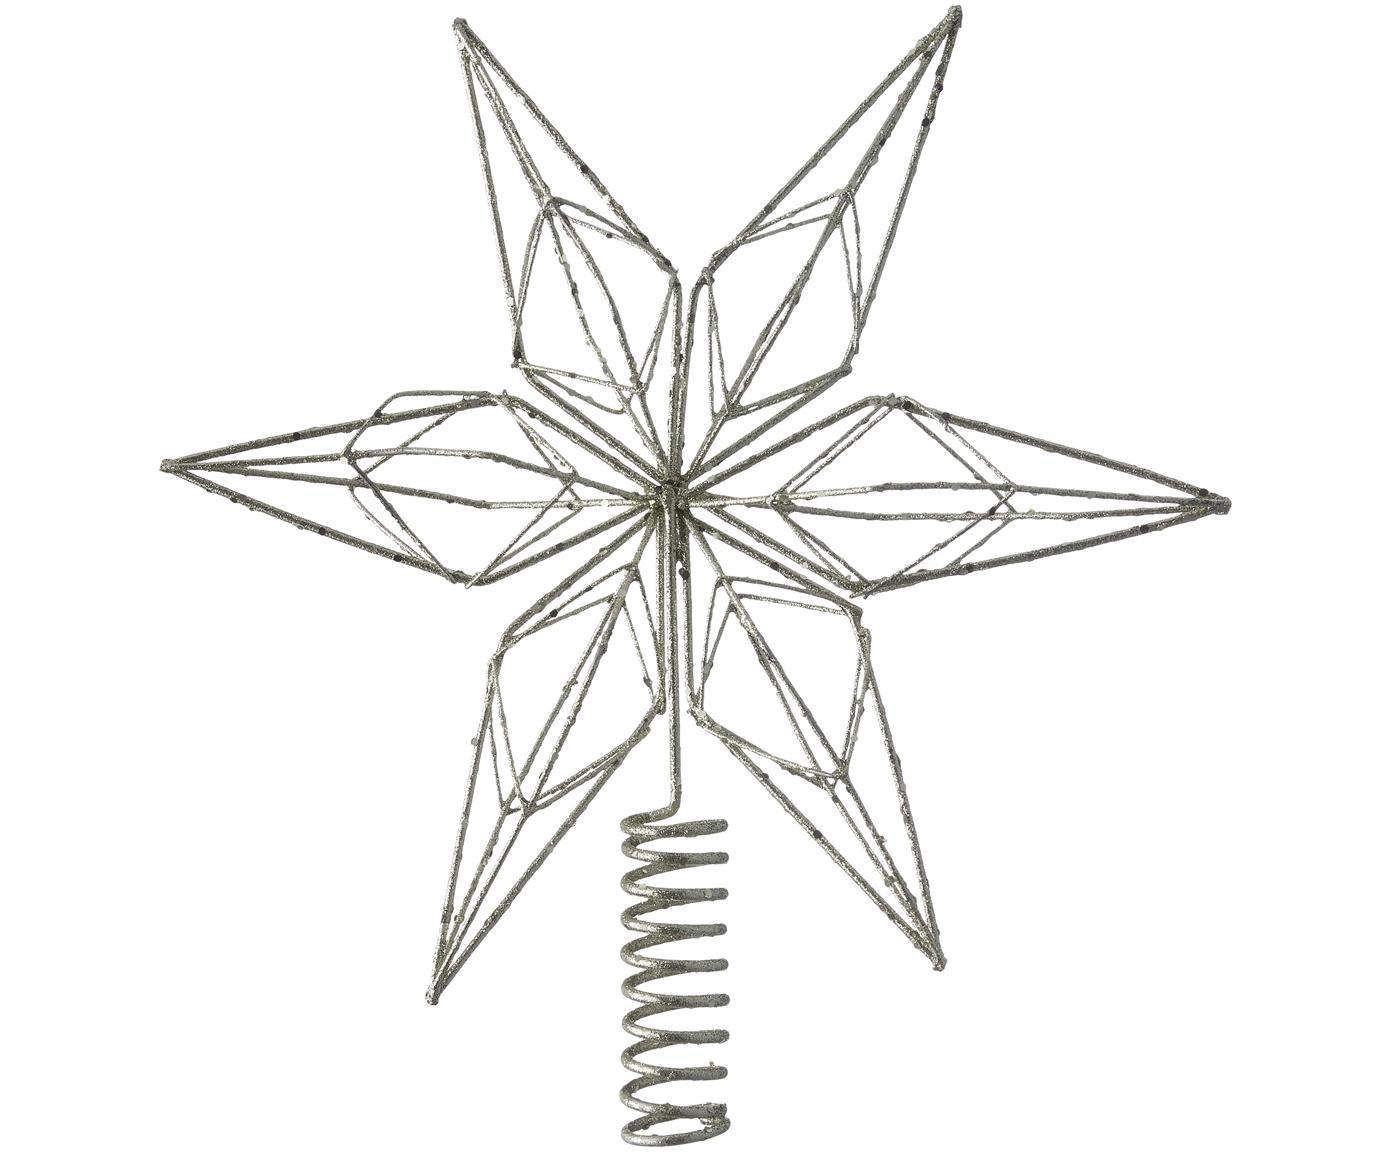 Puntale per albero di Natale Alivinne, Metallo verniciato, Metallo, Larg. 27 x Alt. 28 cm